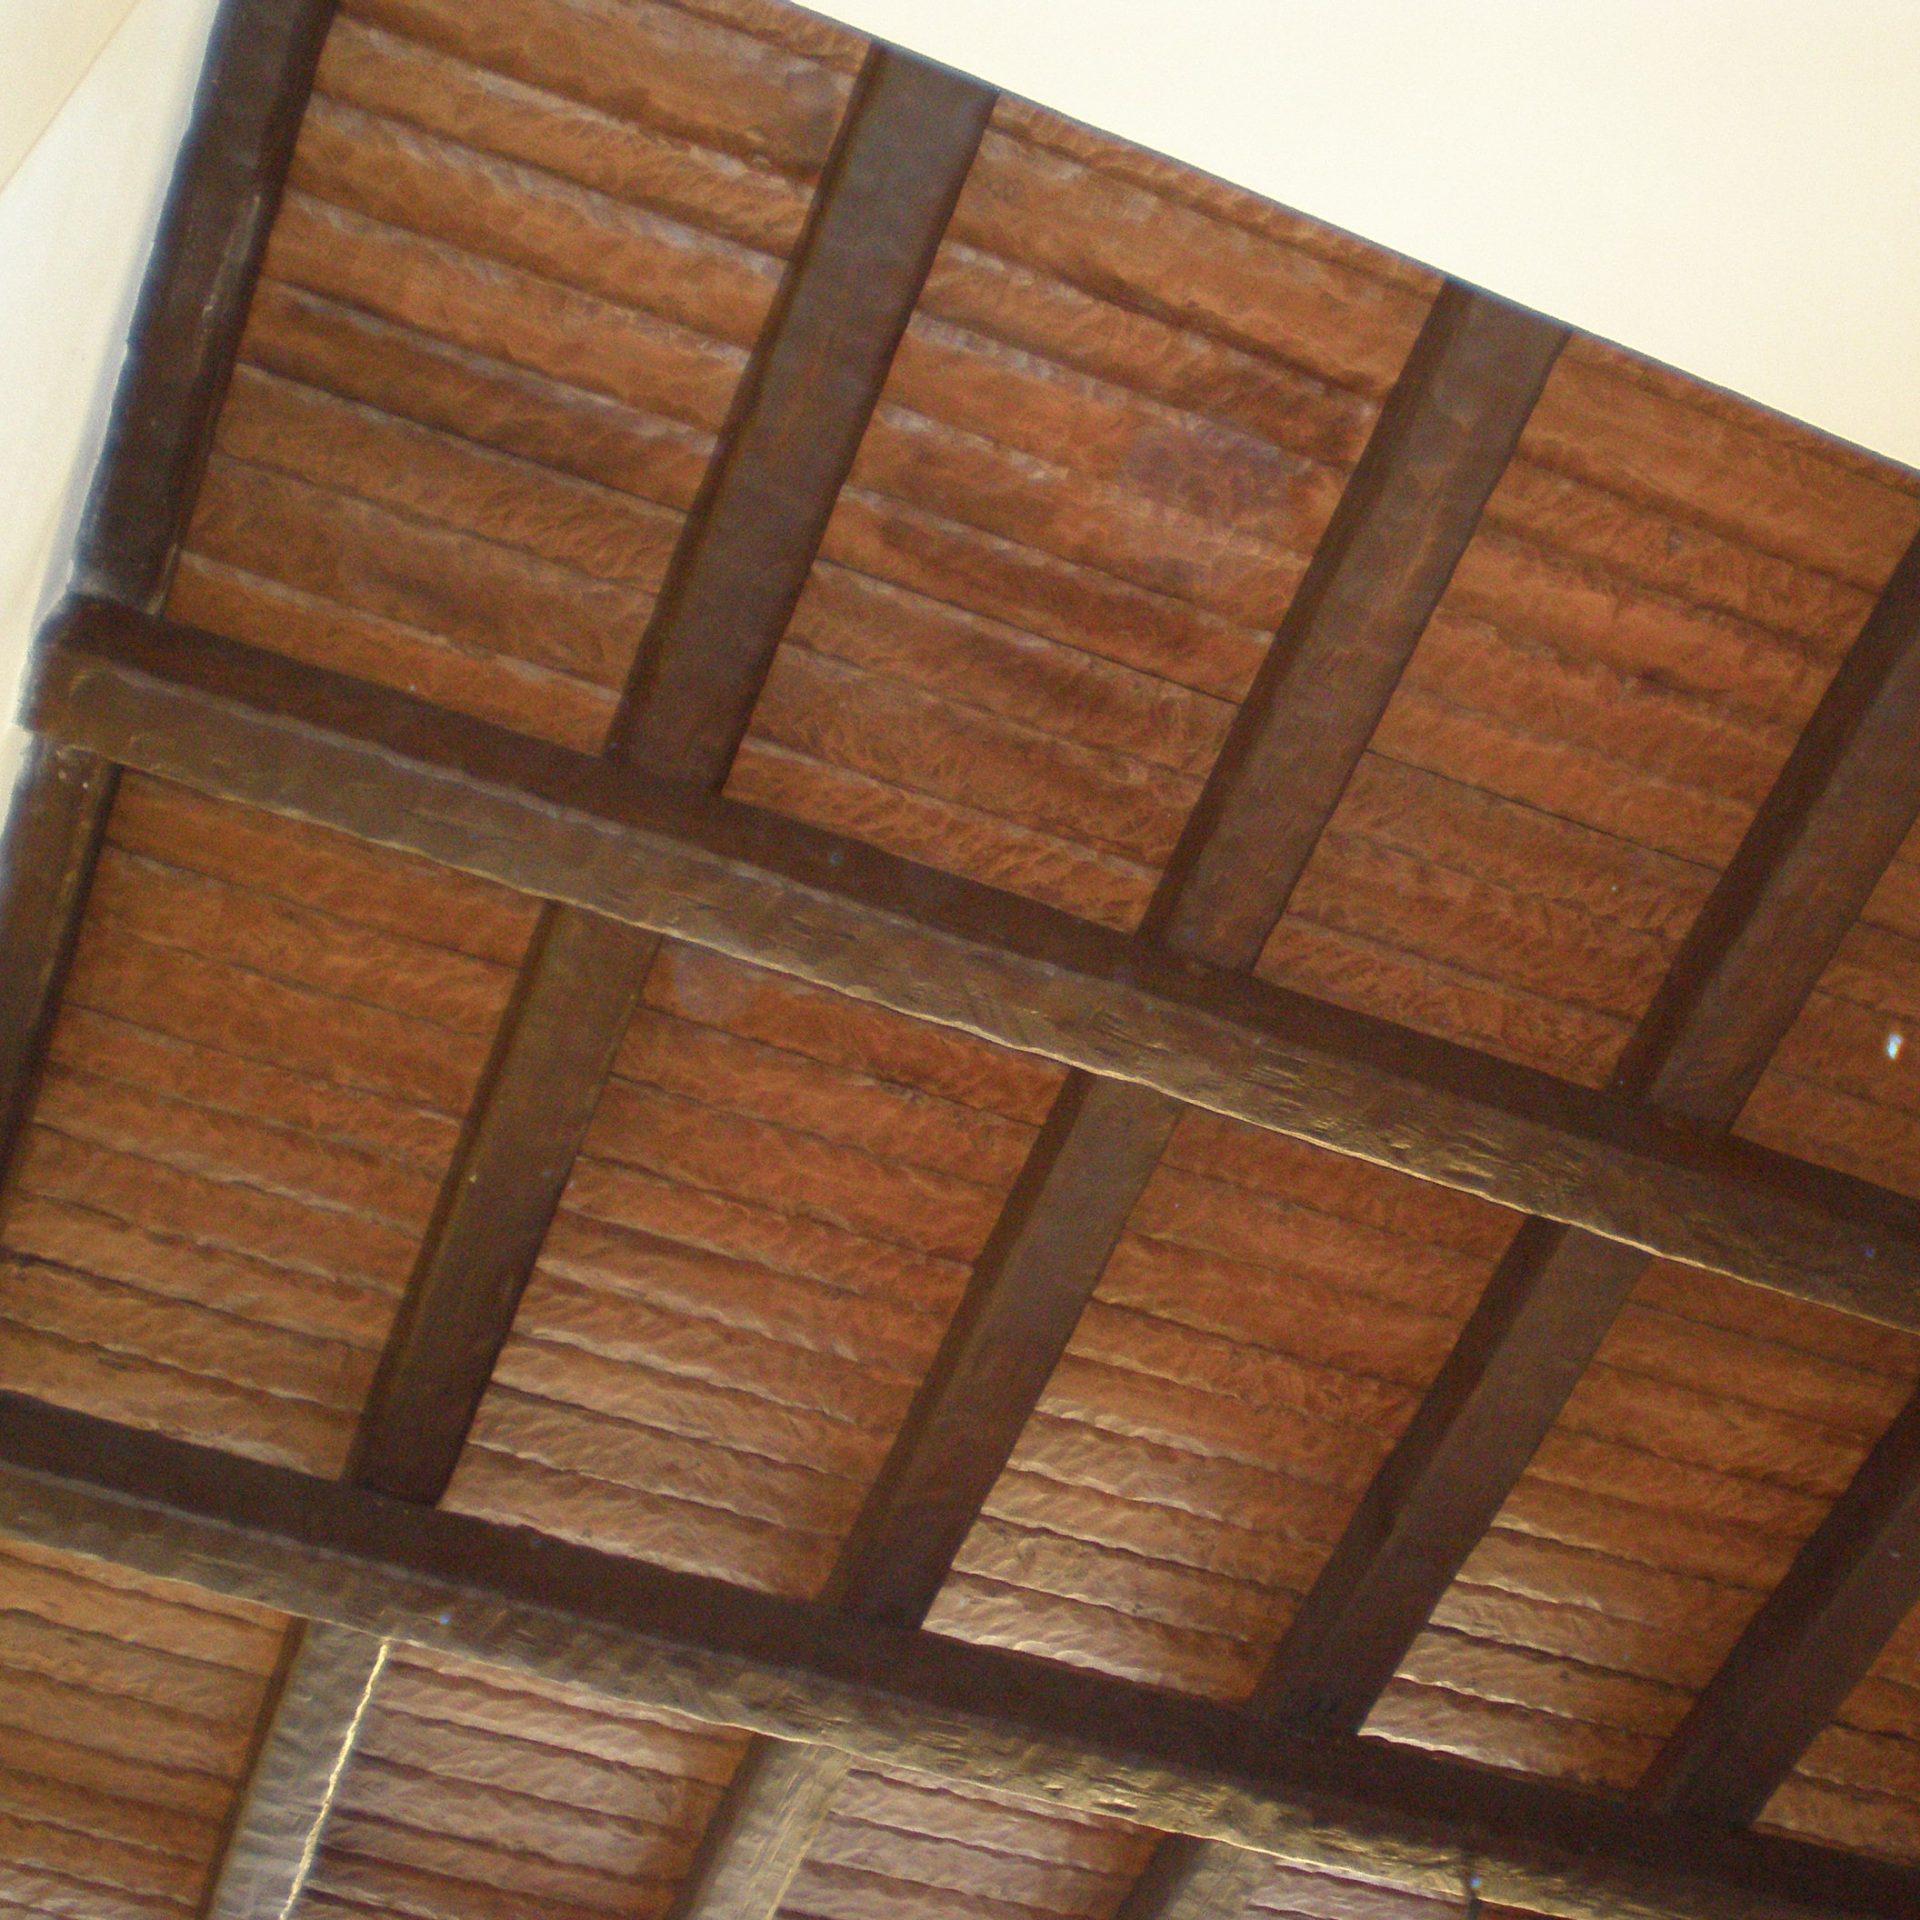 Panel de poliuretano imitación madera machihembrada rústica, color claro